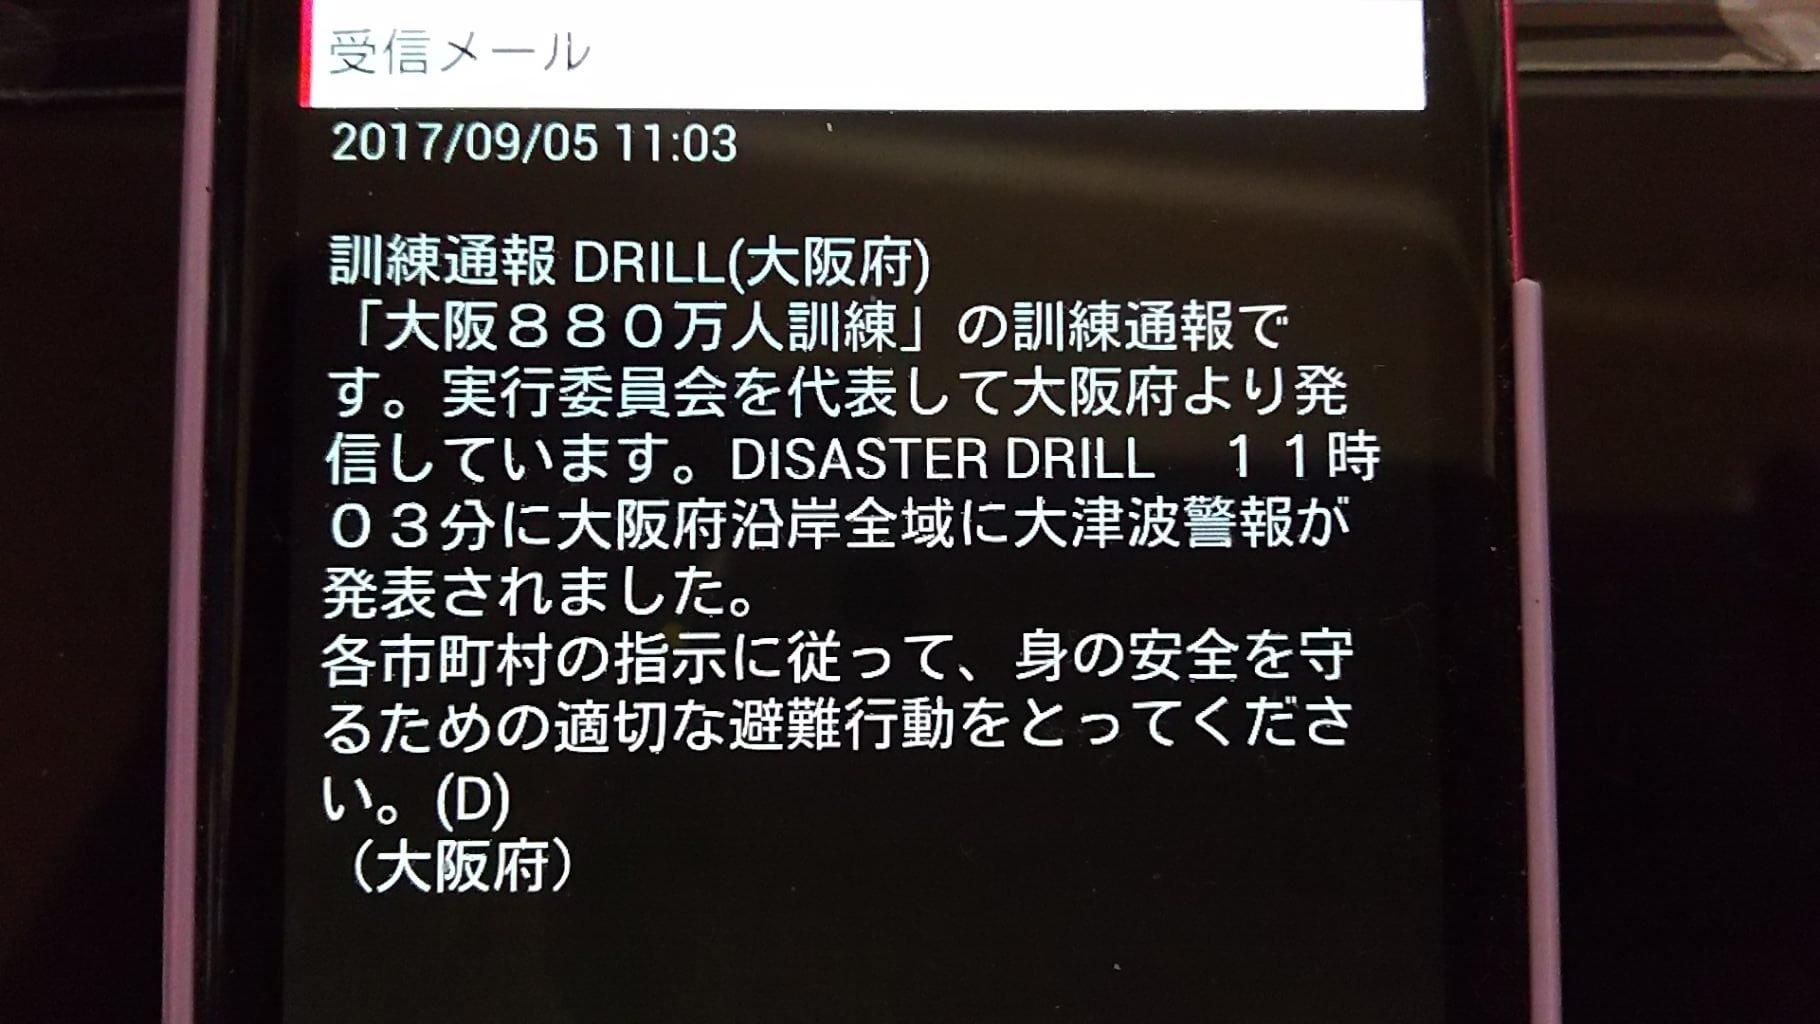 2017年9月5日 大阪880万人訓練